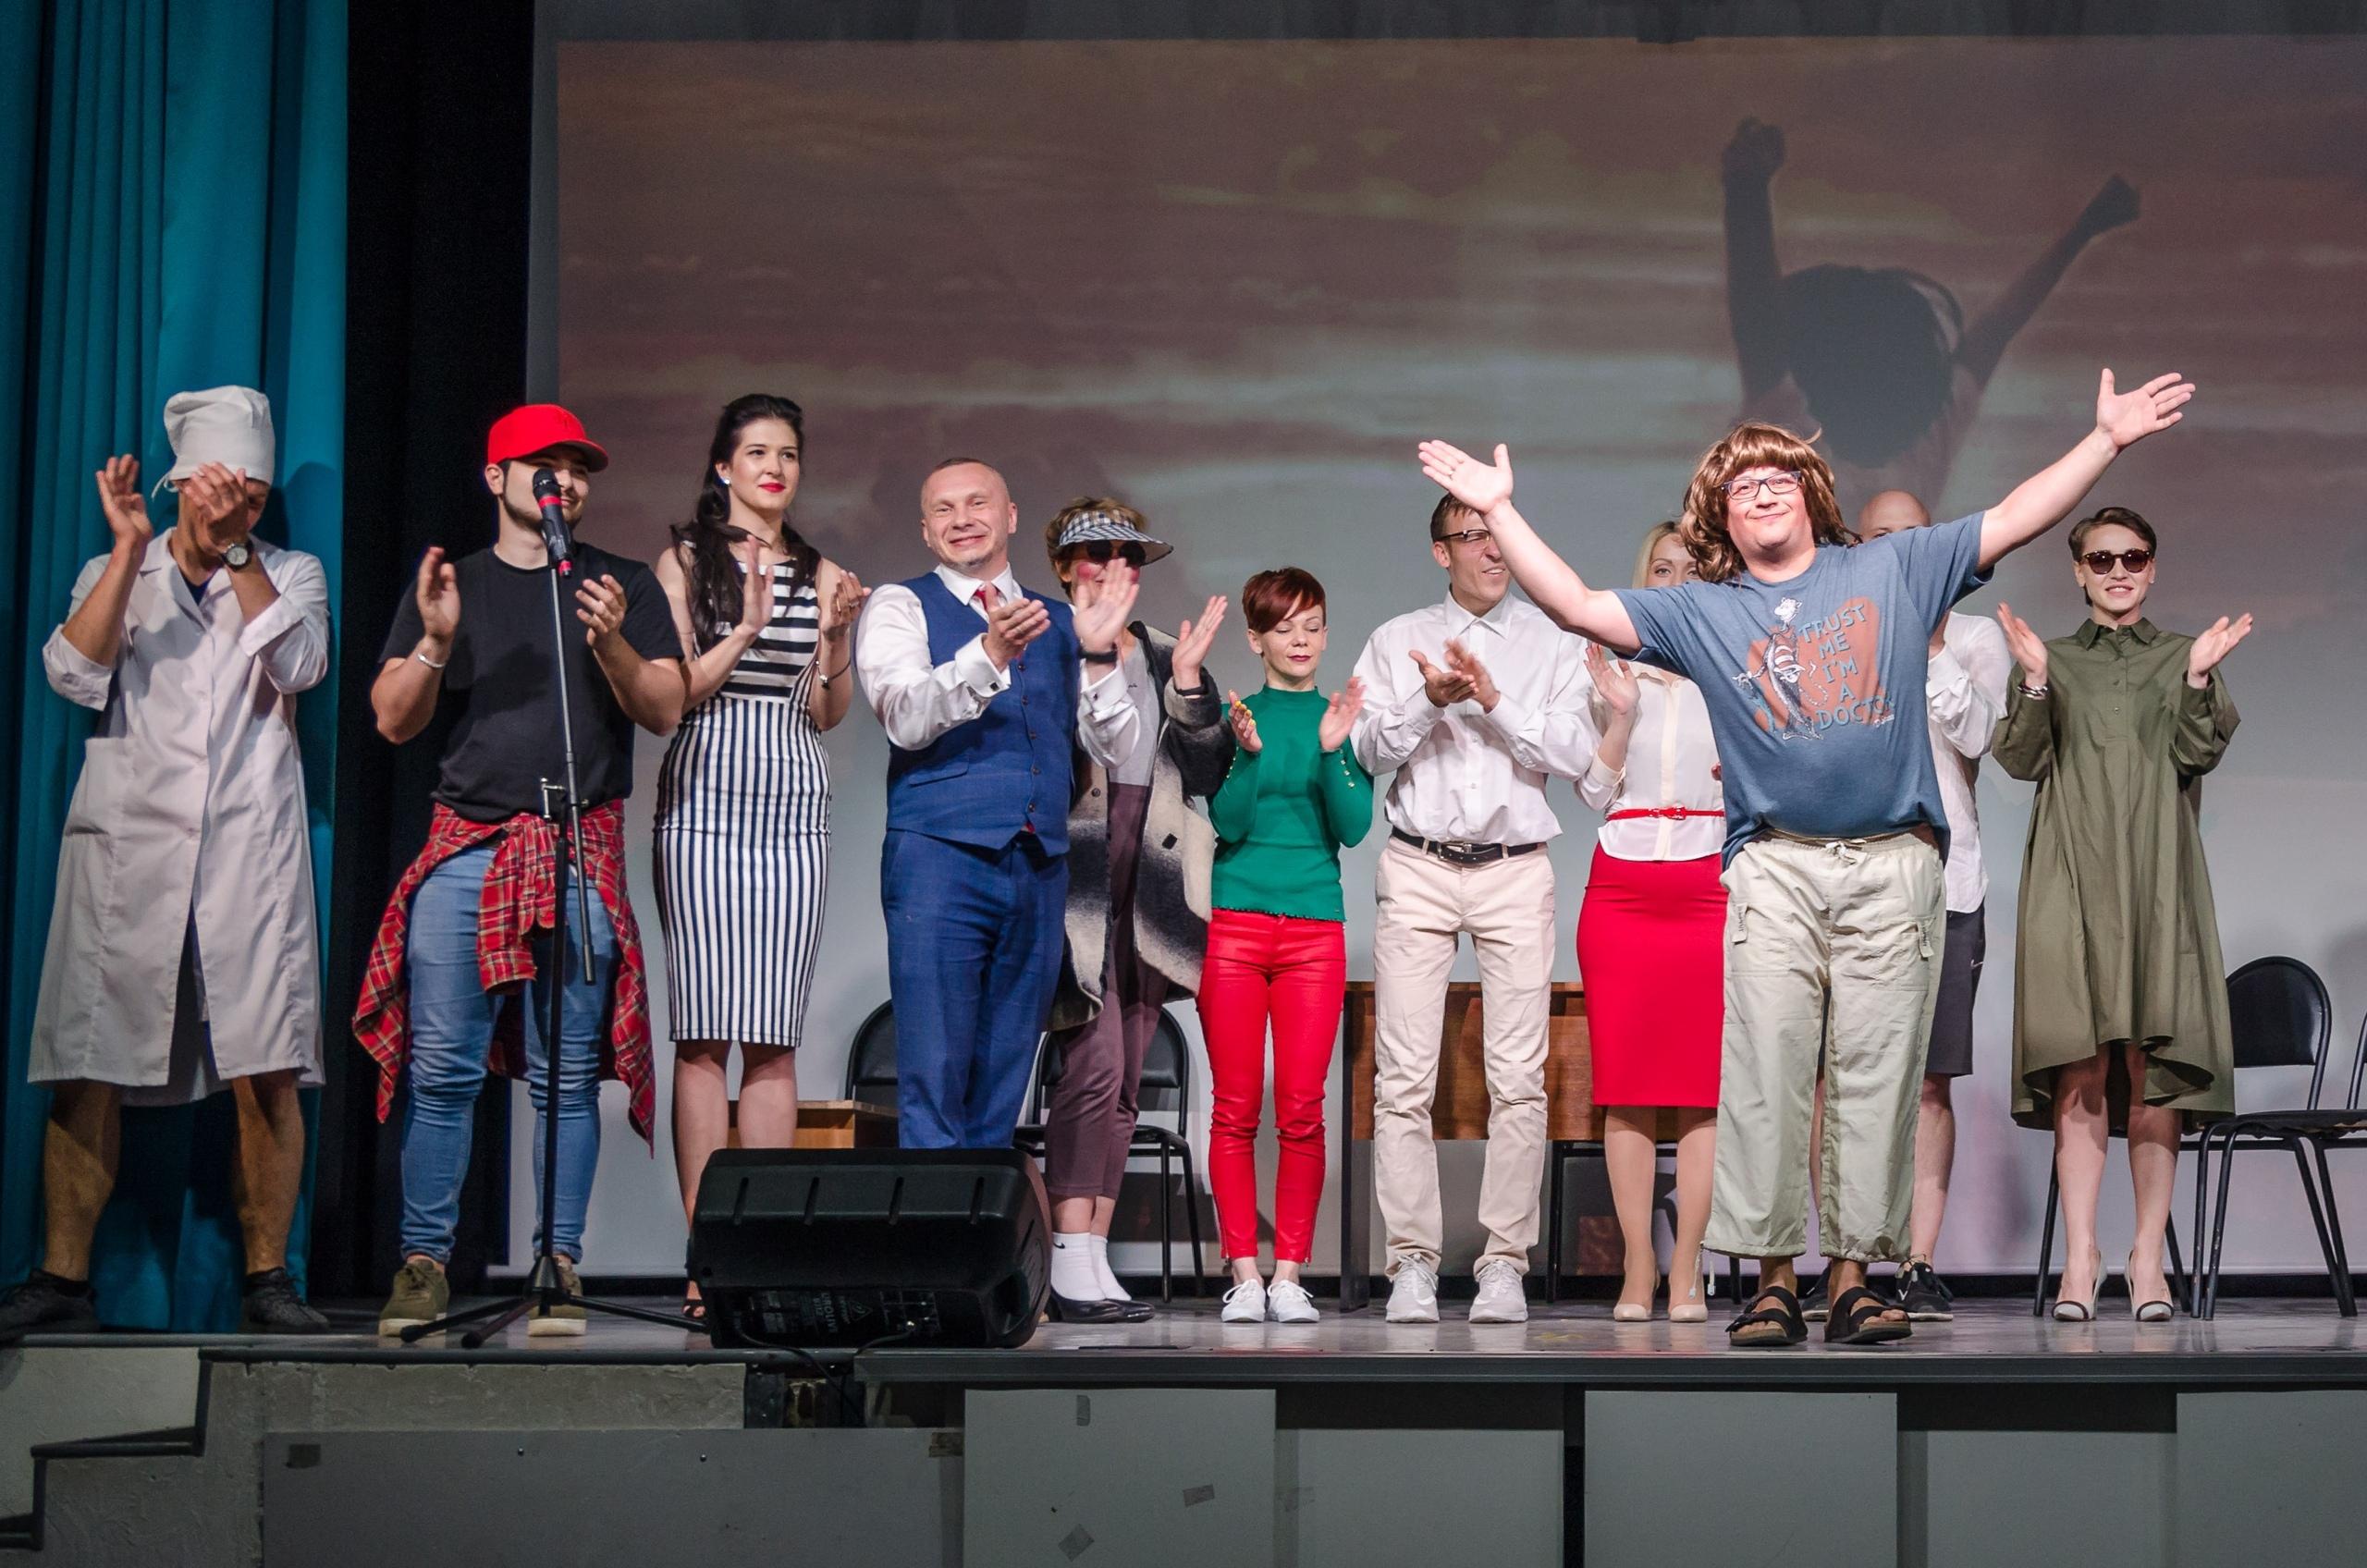 Социальные проекты из ТиНАО стали победителями конкурса «Лица района»